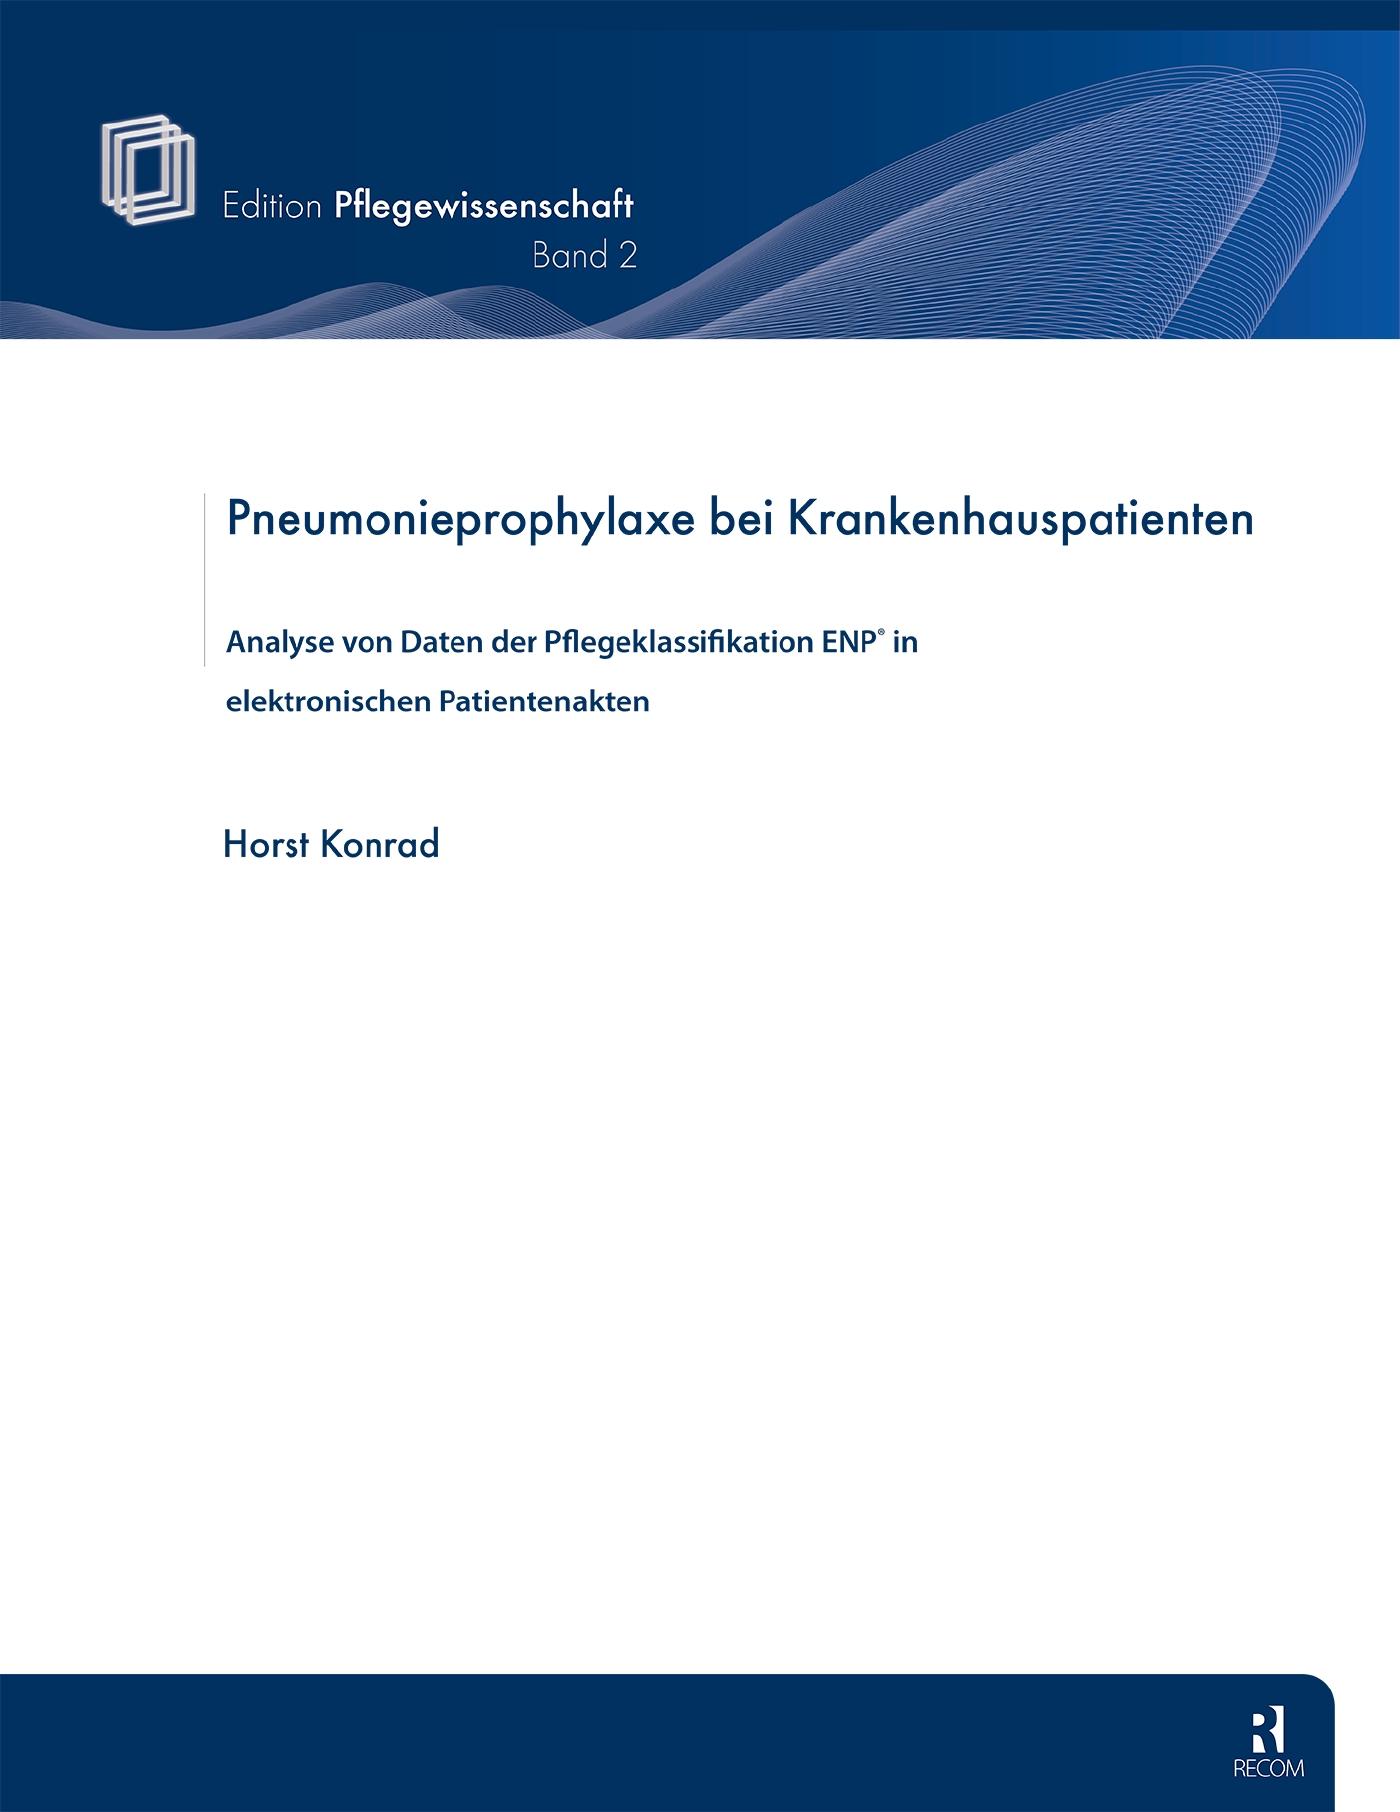 Pneumonieprophylaxe bei Krankenhauspatienten